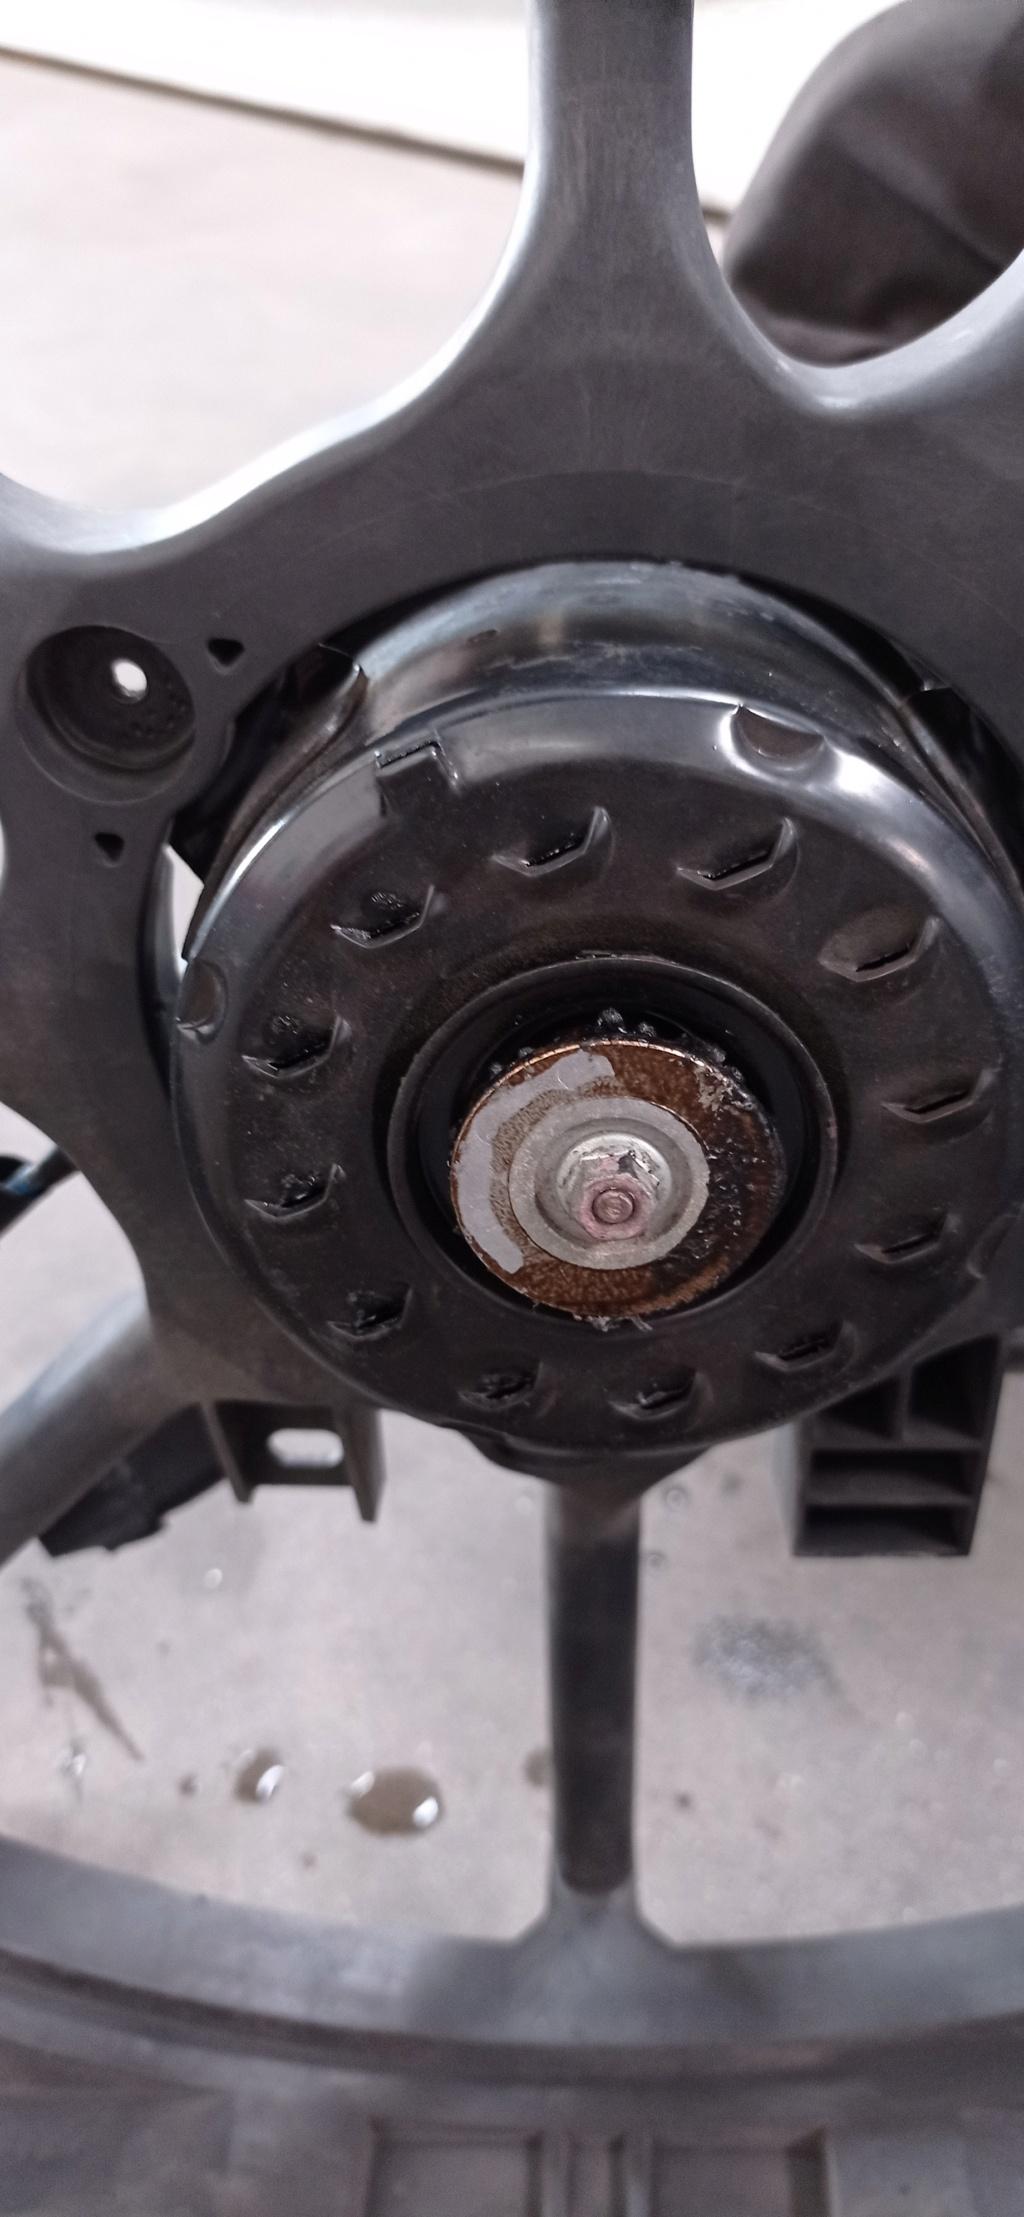 Eletro-ventilador (ventoinha, radiador) Novo Sentra B17 - Falta de Recall  - Página 22 16109714